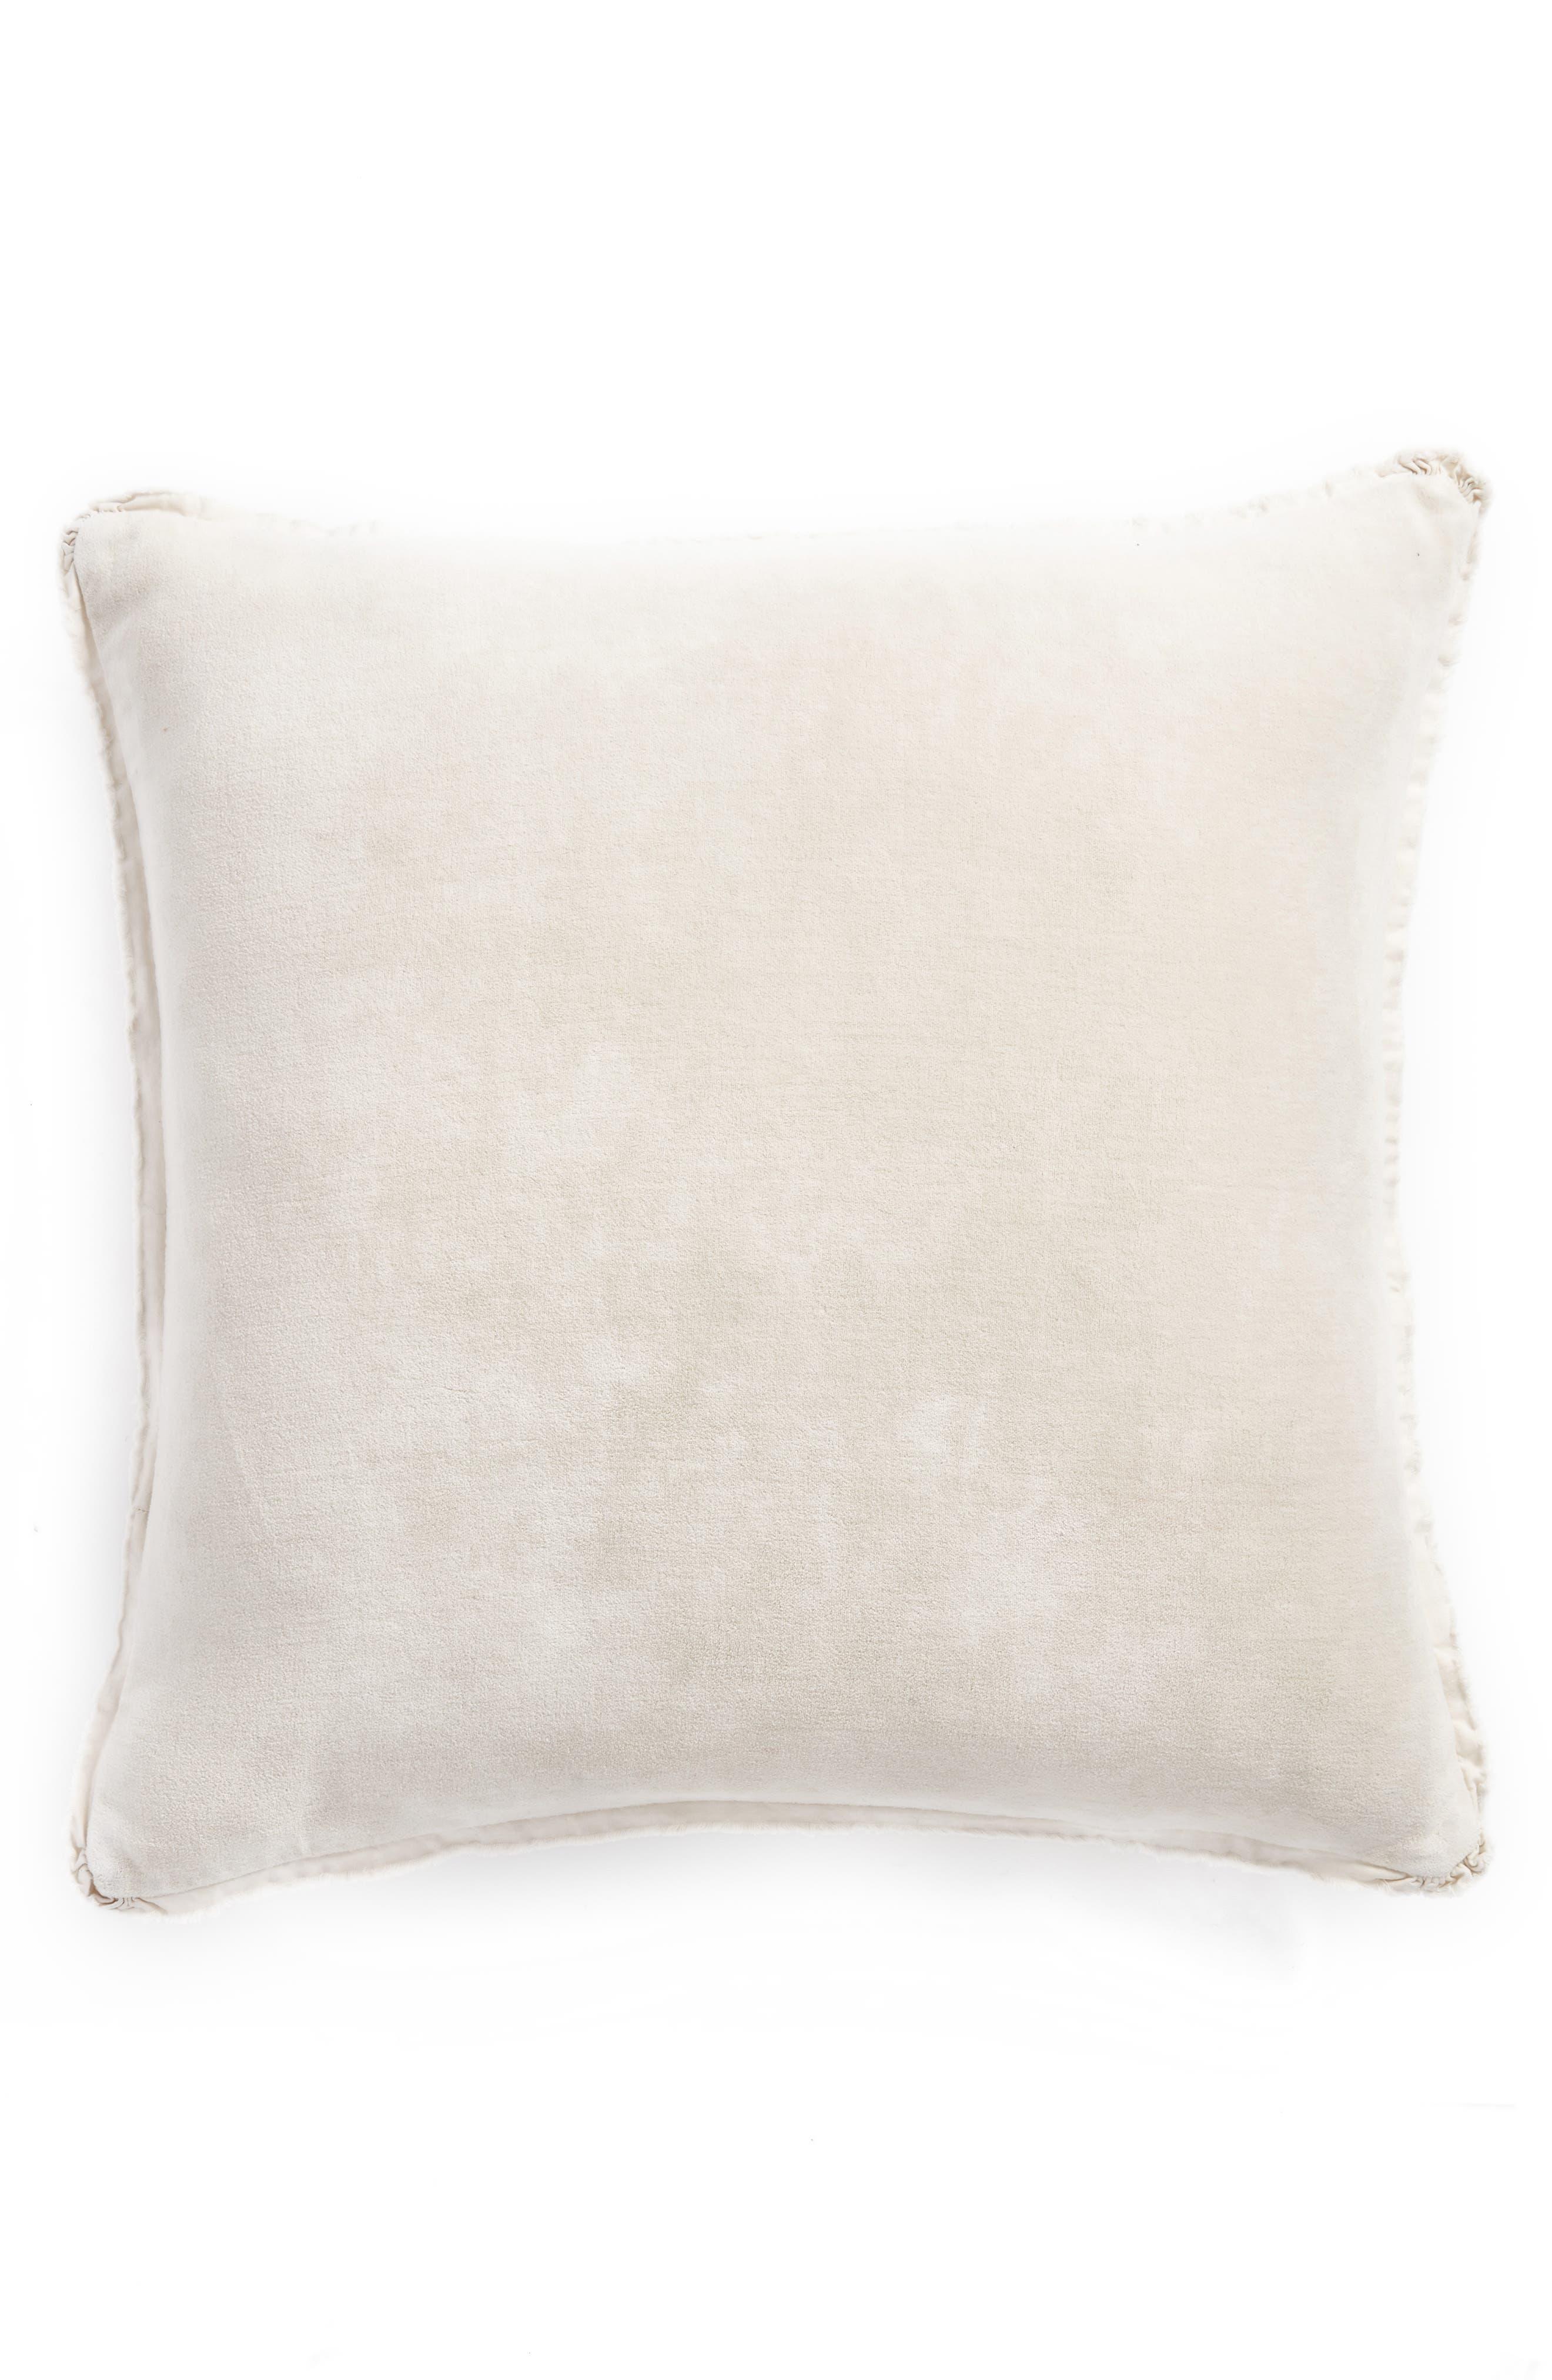 Treasure & Bond Velvet Accent Pillow